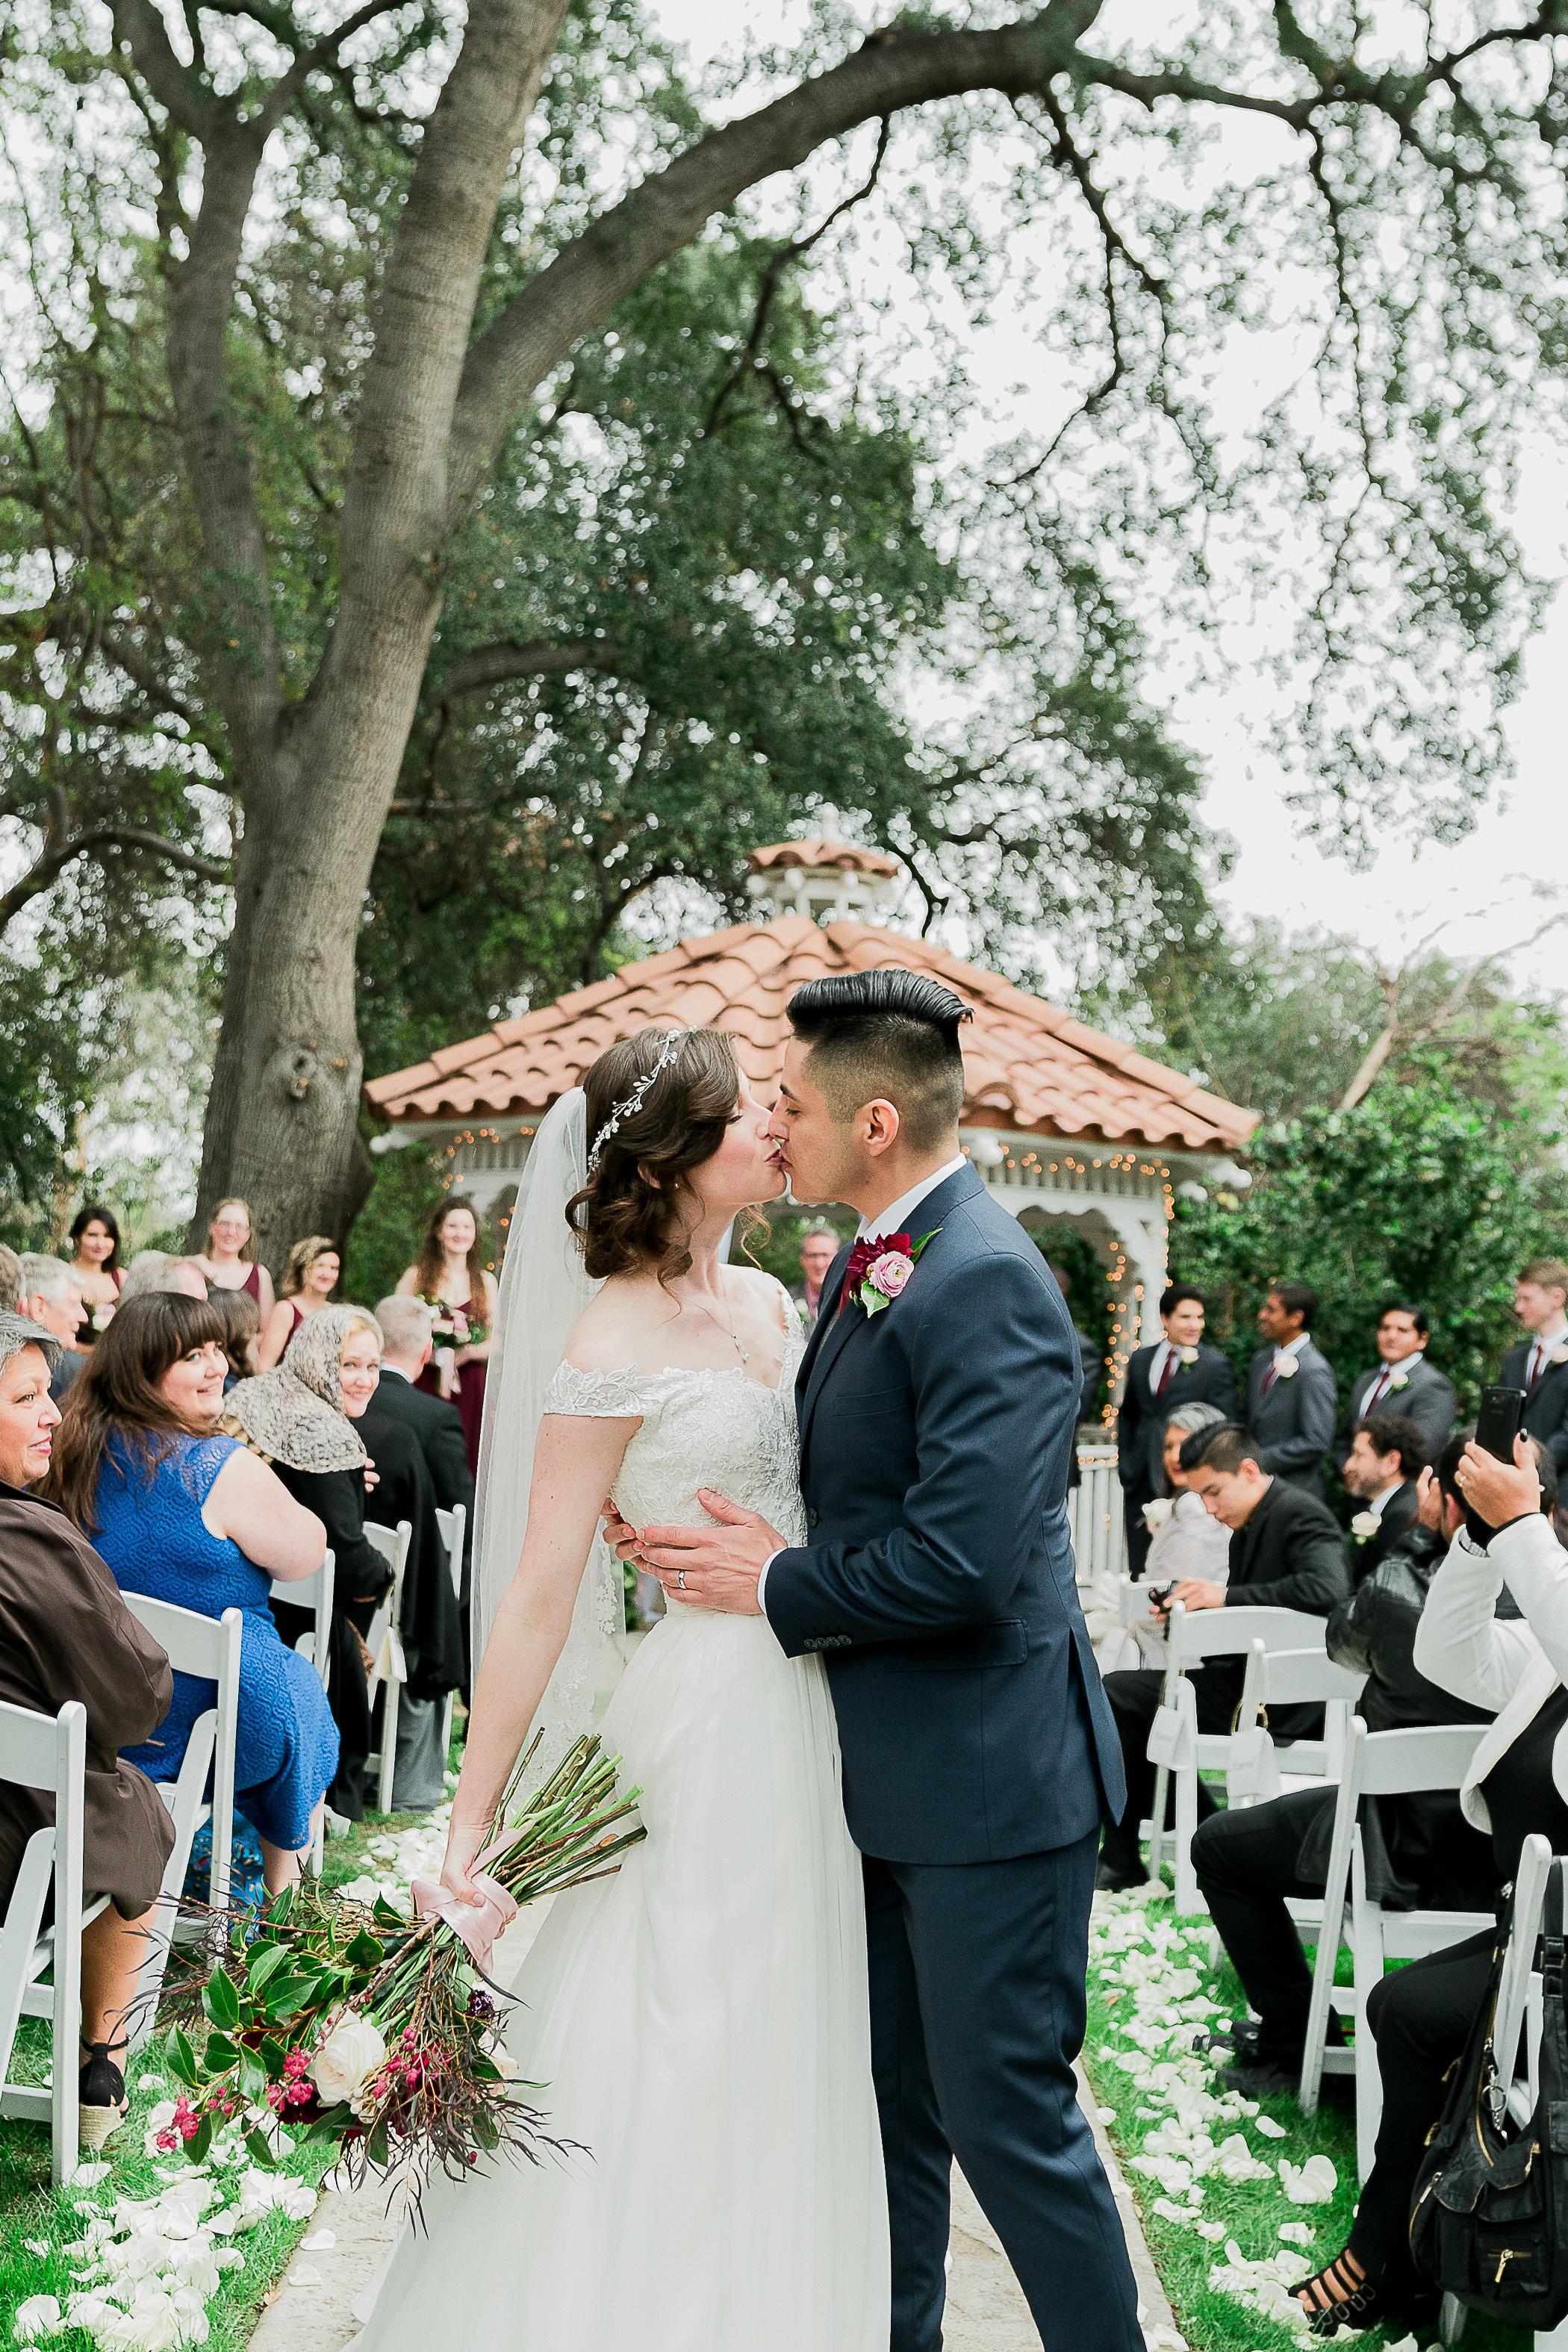 CUEVAS-WEDDING-SNEAK-PEEK-0066.jpg